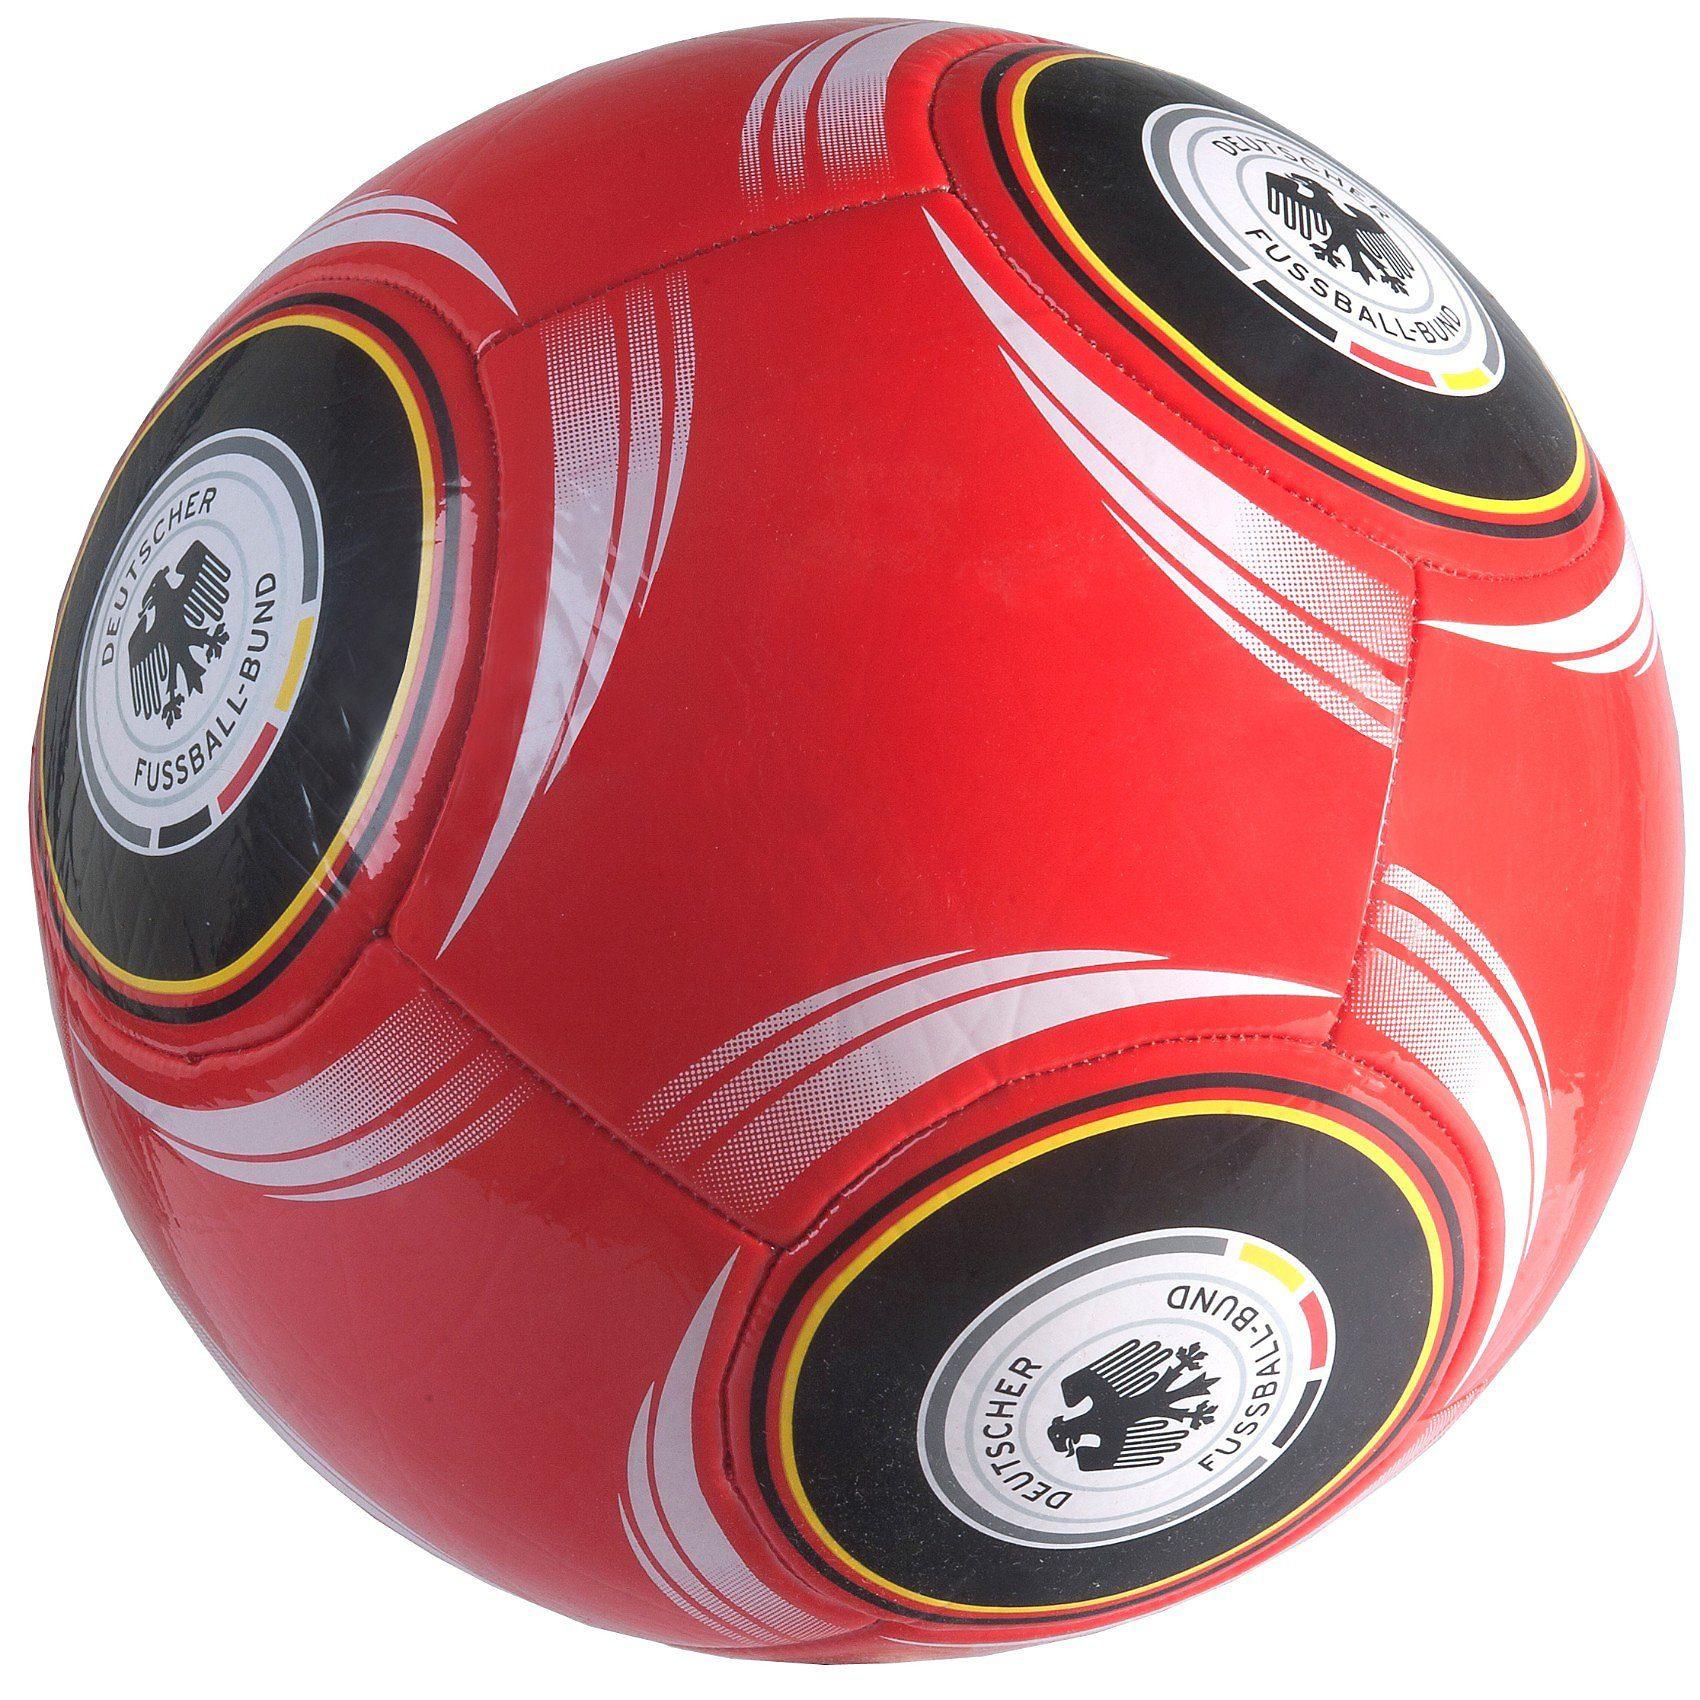 Deutscher Fußball-Bund DFB Fußball Gr. 5, rot